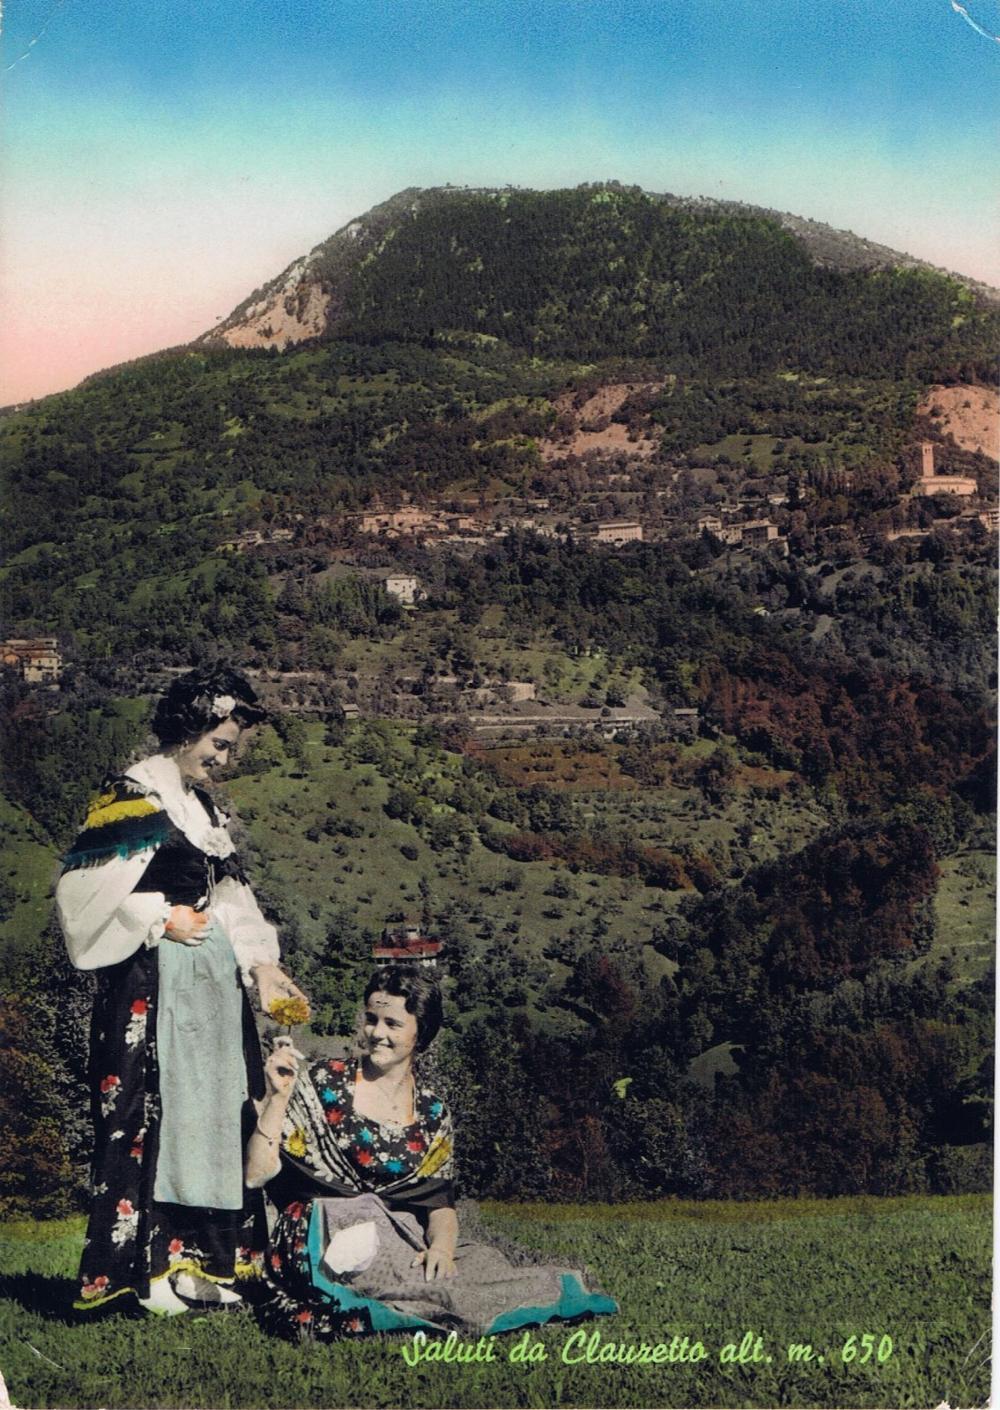 Donne in costume tradizionale e monte Pala, anni '60